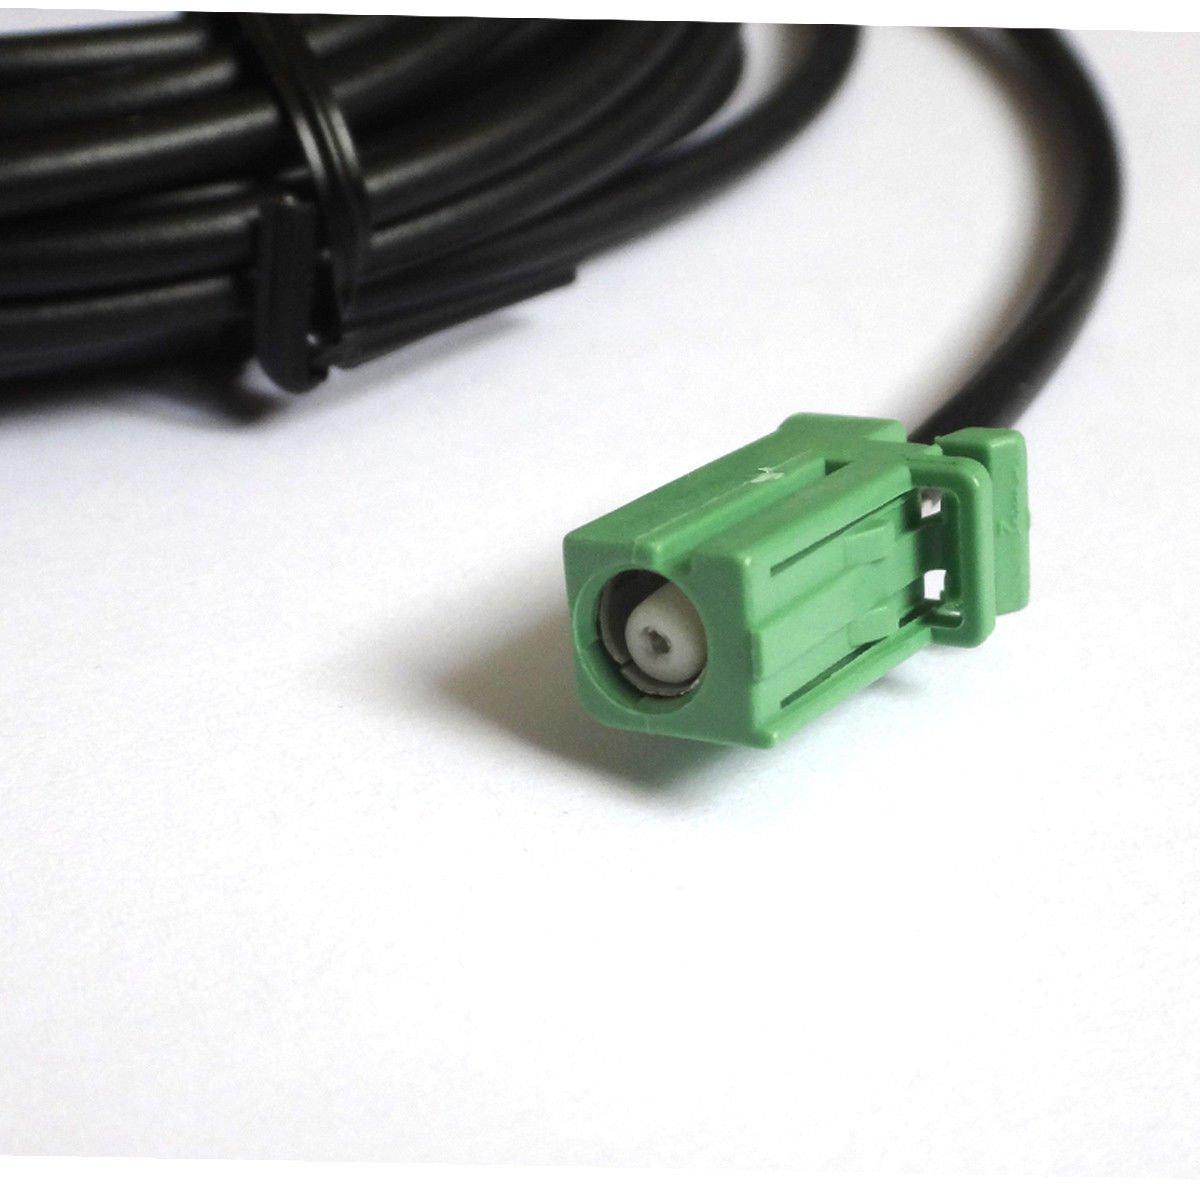 External GPS Navigation Antenna for Pioneer AVIC-5000NEX 6000NEX 7000NEX 8000NEX U200 SPH-DA110 SPH-DA210 Avic-U310Bt Avic-X7115Bt Avic-X9115Bt Z110Bt ConPus FBA-GPS-icgreen-conspu